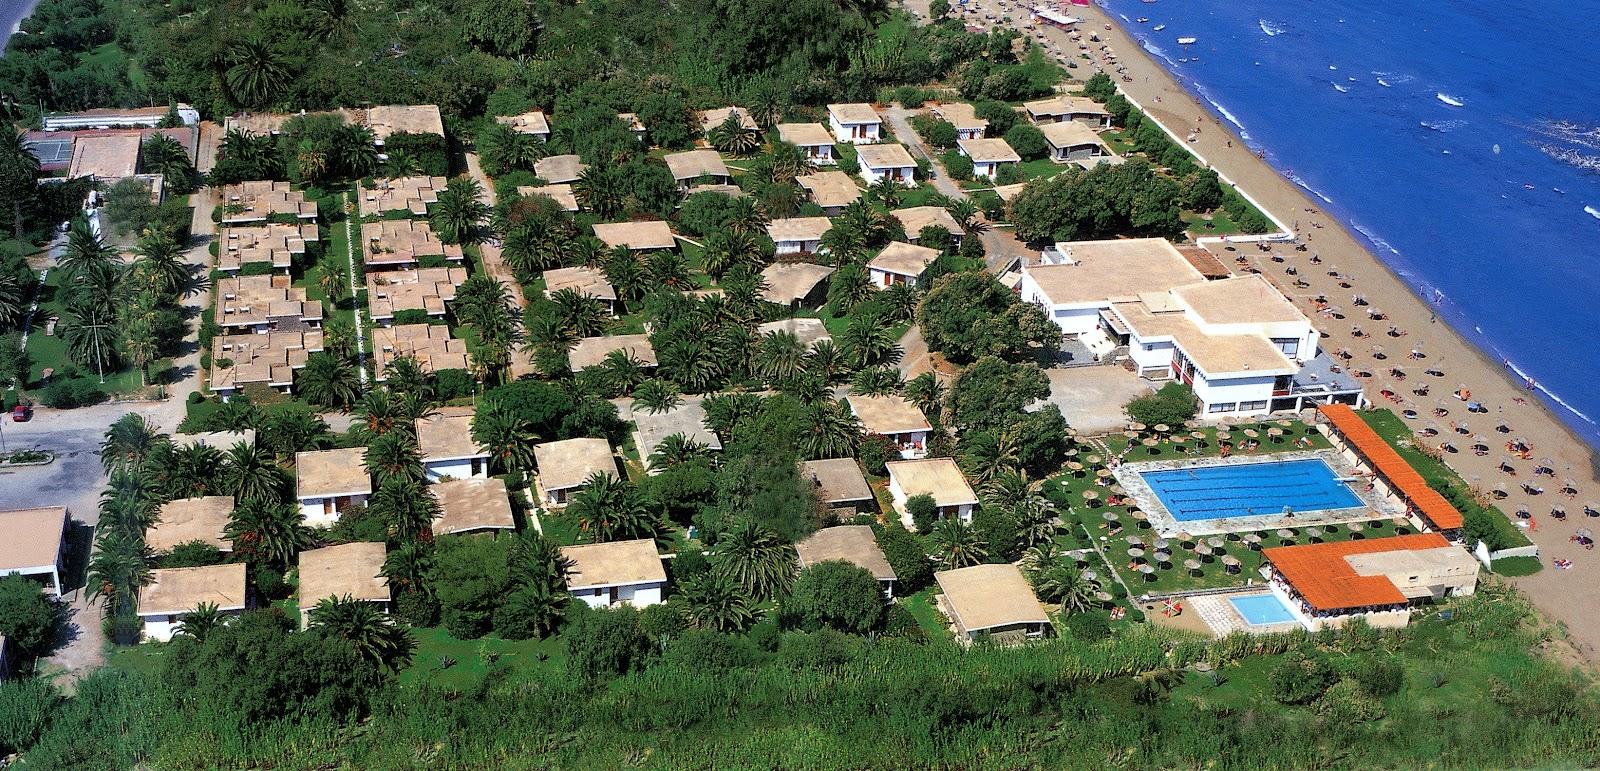 Creta Beach Panoramic view.jpg